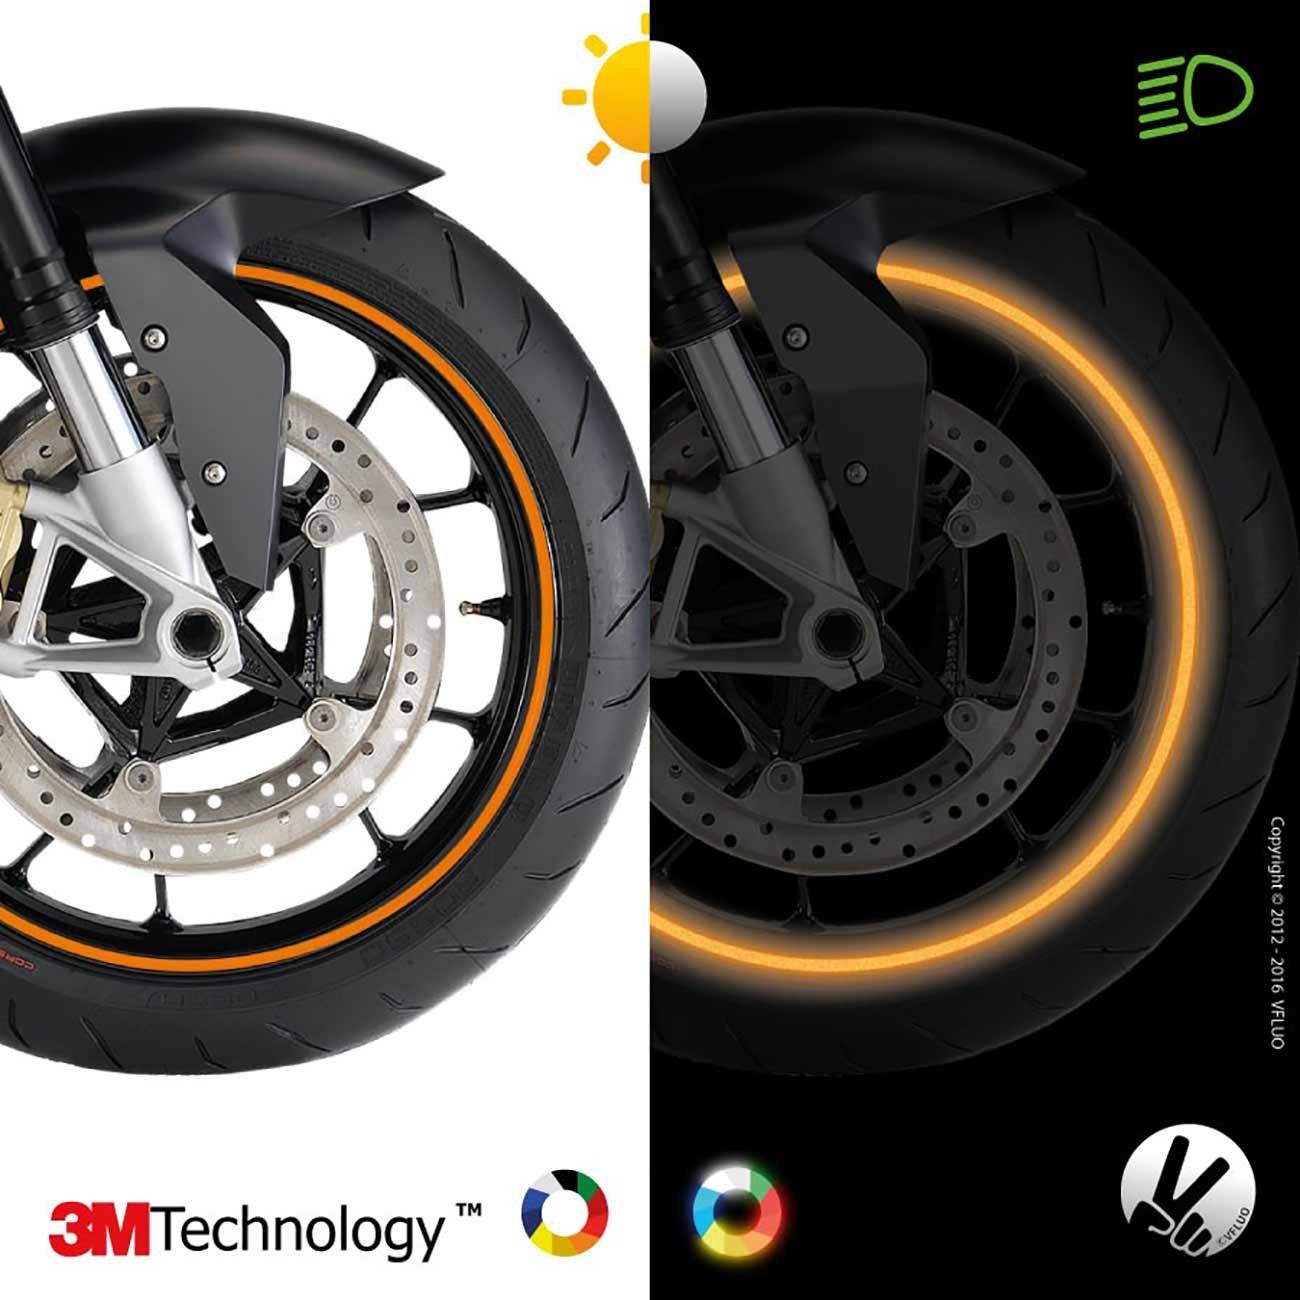 Azul Rayas Retro Reflectantes para Llantas de Moto Anchura Normal : 7mm 1 Rueda Kit de Cintas 3M Technology/™ VFLUO Circular/™